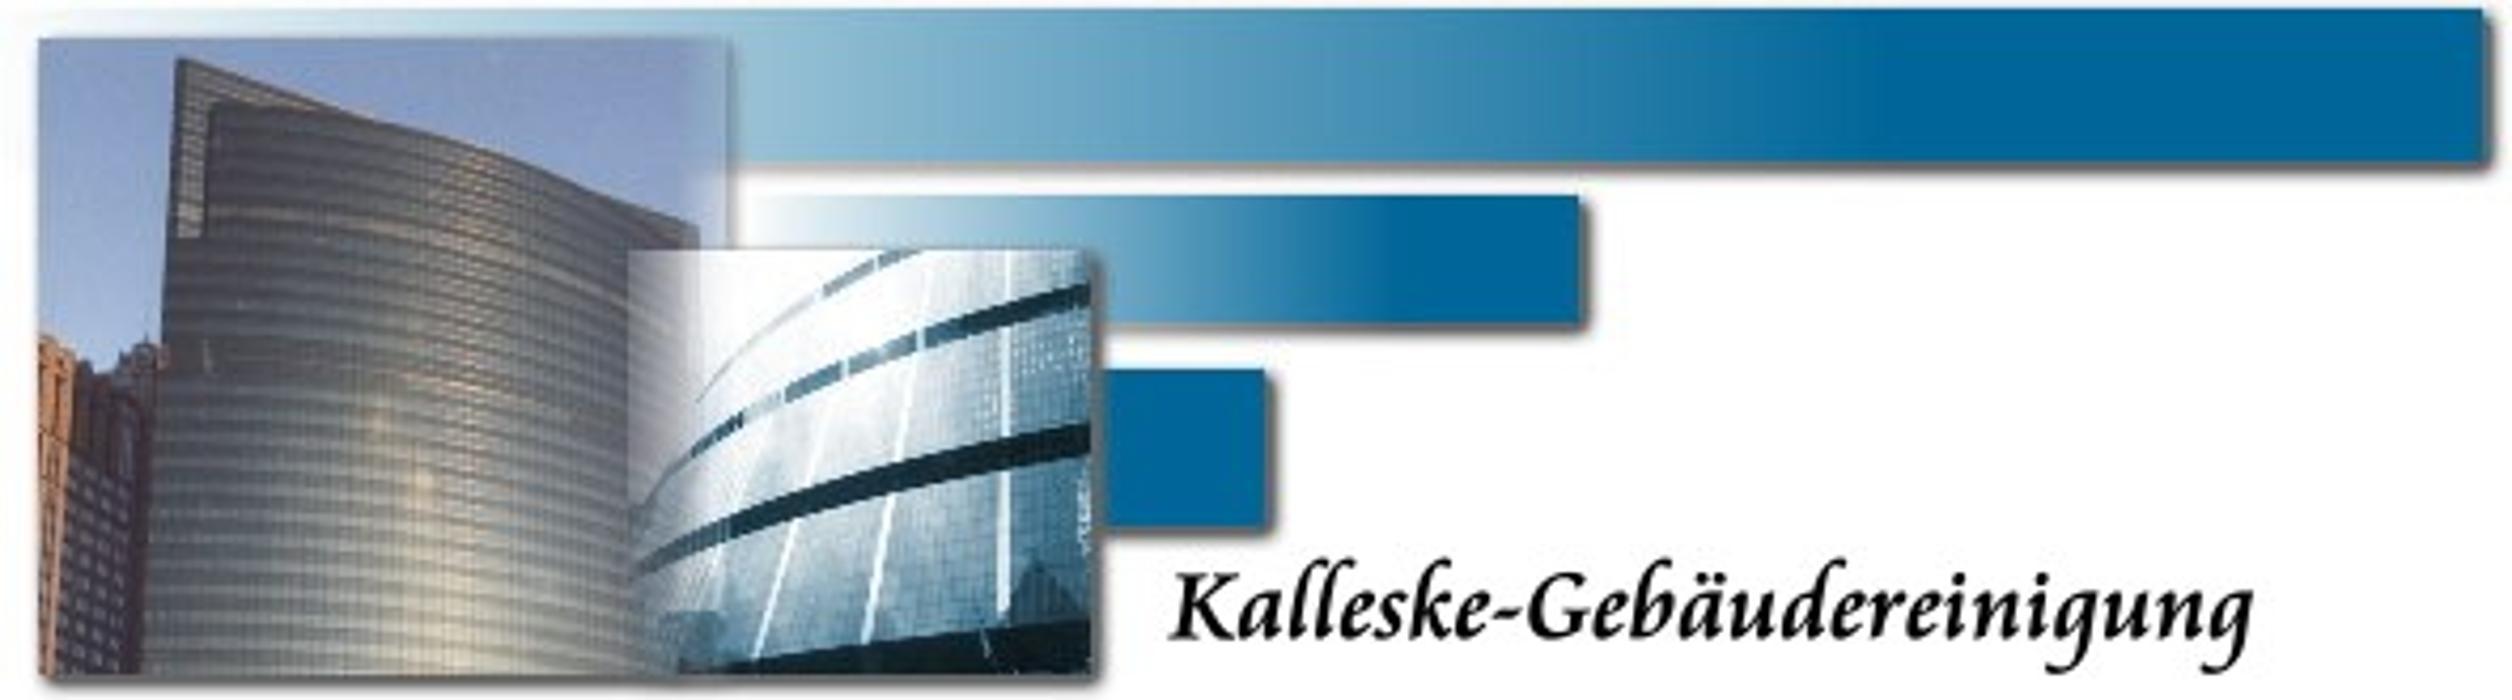 Bild zu Kalleske-Gebäudereinigung in Hausham